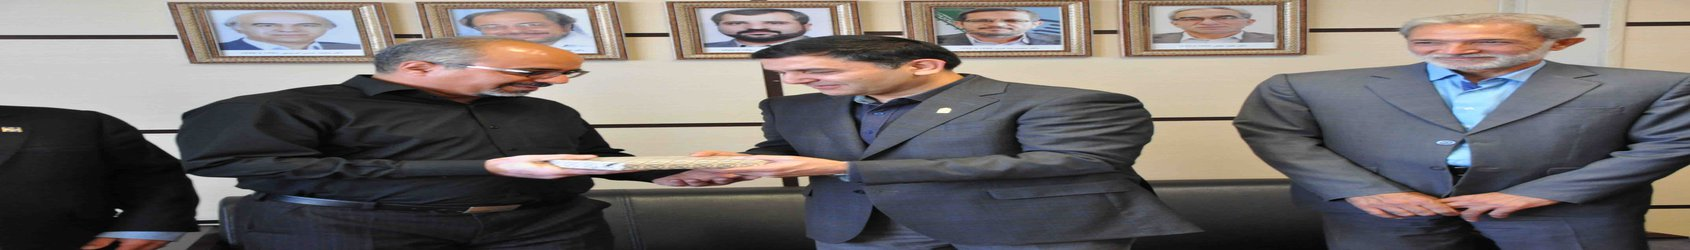 مدیر جدید امور آموزشی دانشگاه بیرجند تعیین شد